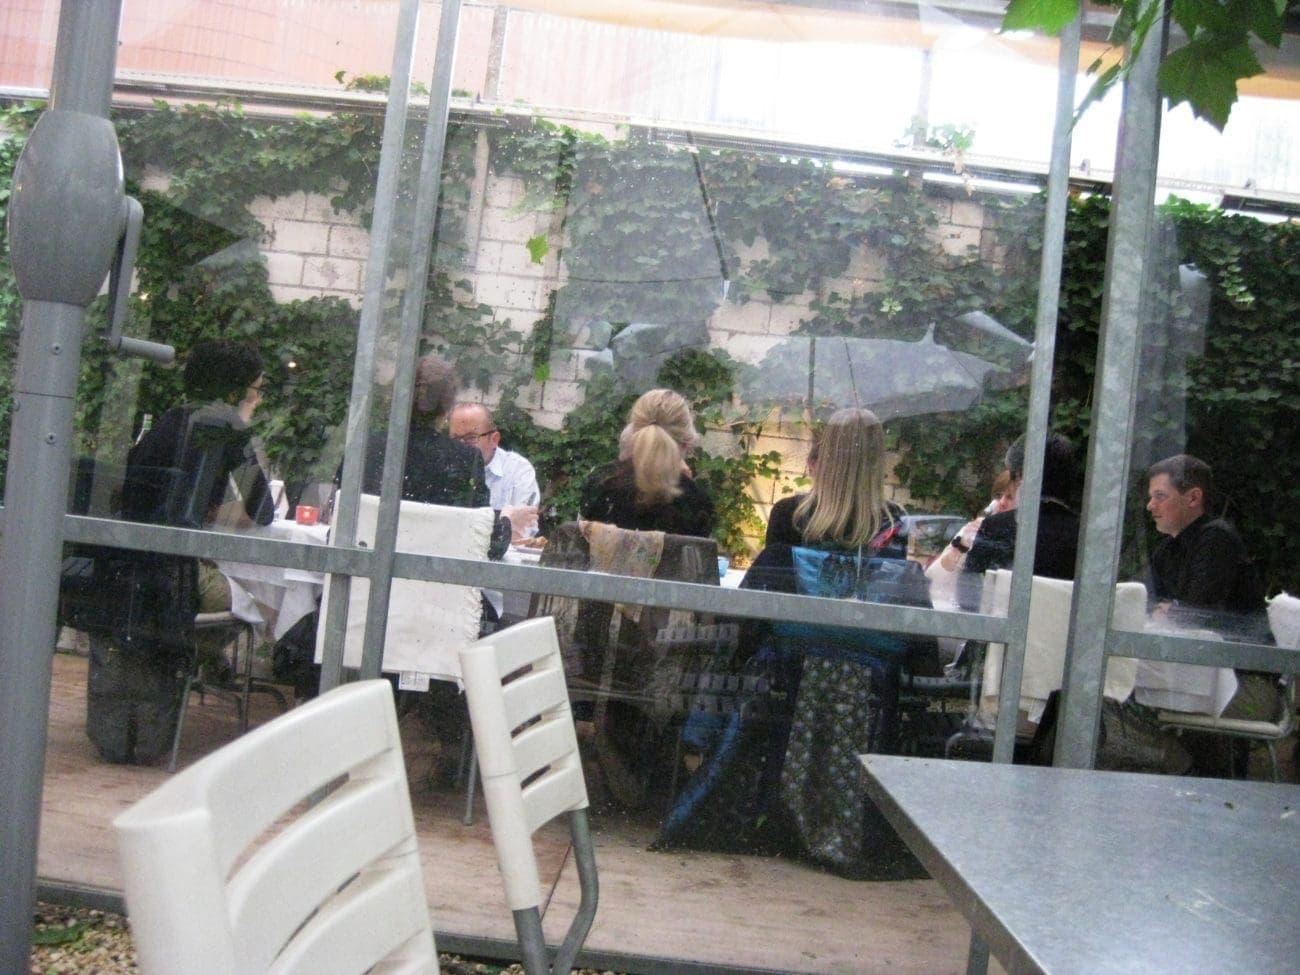 Apropos Sitzen im Warmen: Zum Essen wartet ein Tisch im 'gemütlich schattigen' Garten des tre fratelli auf uns. Es habe noch nie unter die Pergola geregnet, beruhigt uns der Wirt und statt Gazpacho gäbe es eine warme Suppe. Stimmt. Bon Appetit!